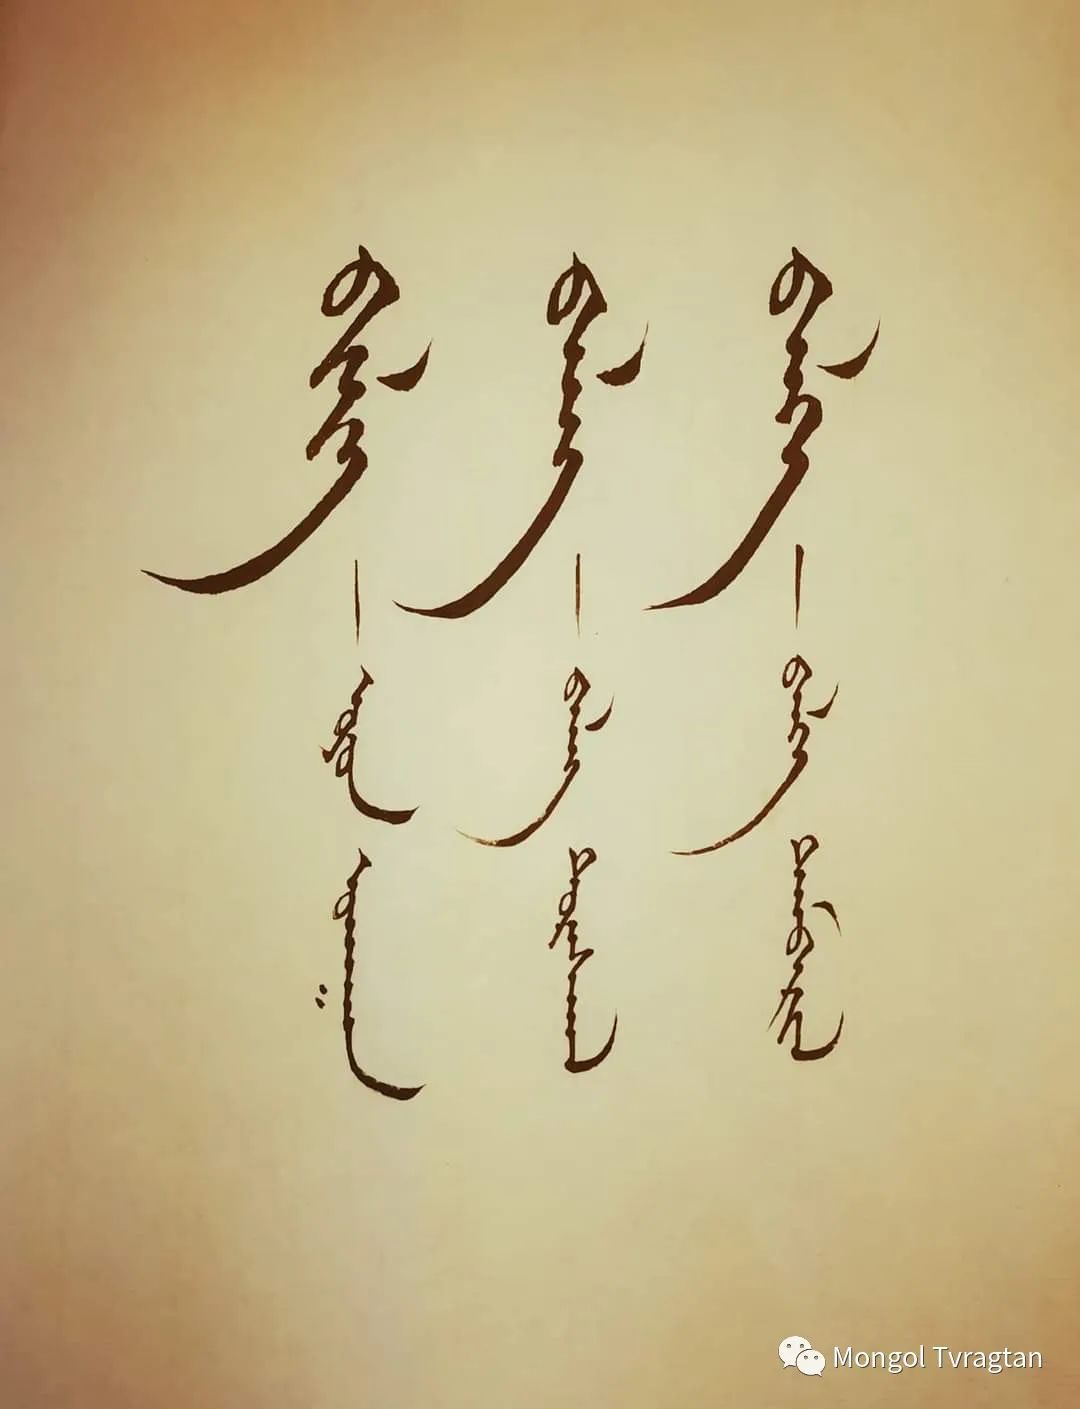 蒙古文书法ᠣᠷᠠᠨ ᠪᠢᠴᠢᠯᠭᠡ- 2 第10张